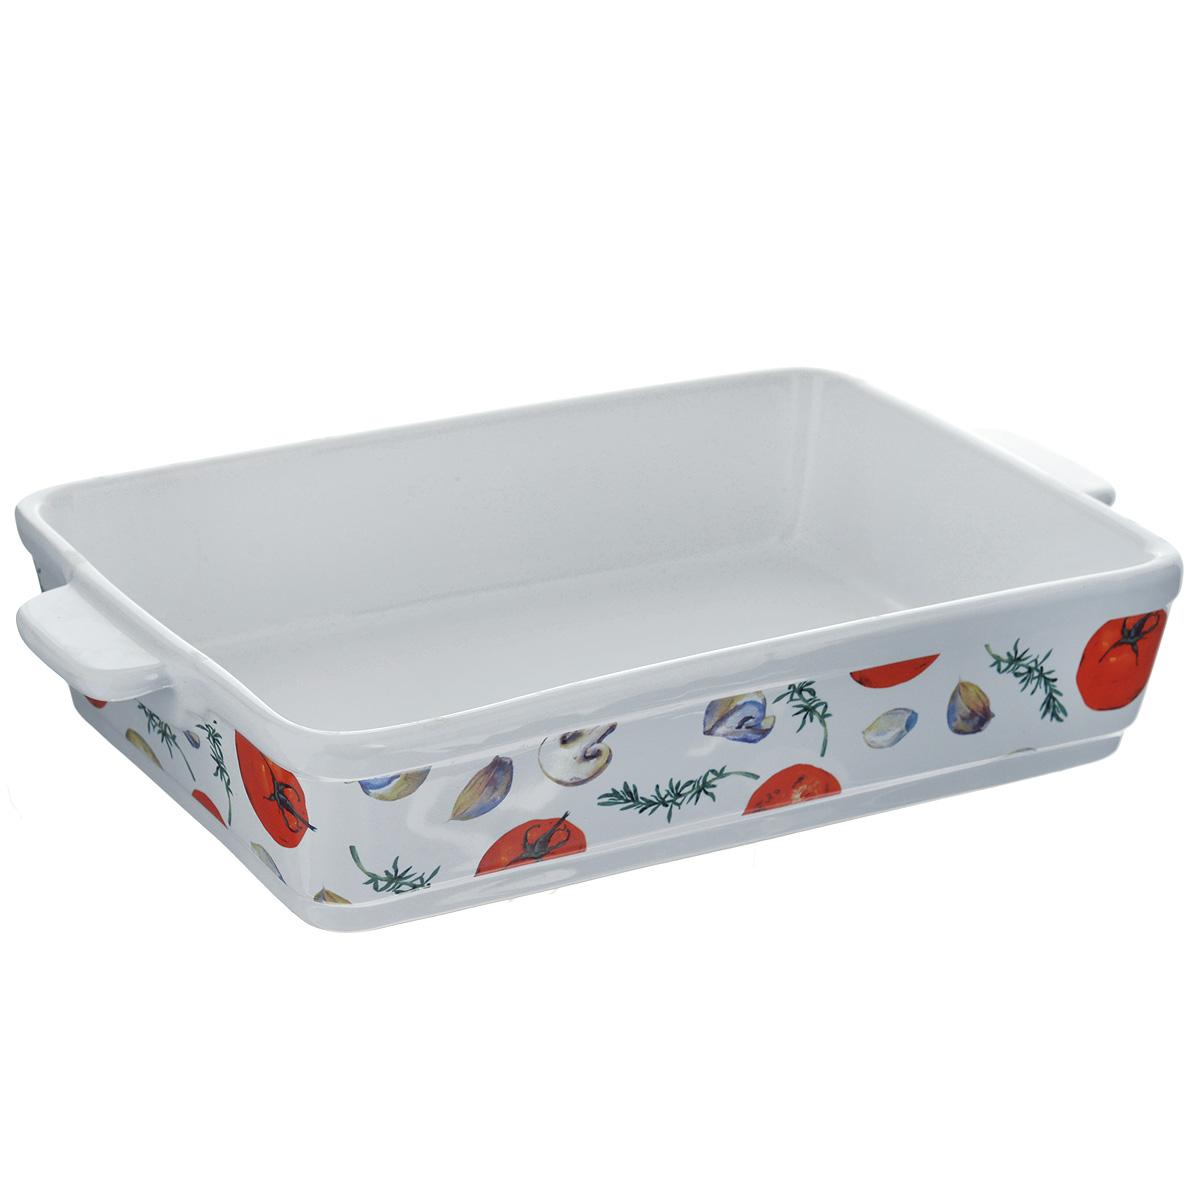 """Прямоугольная форма для запекания Едим Дома """"Прованс"""" изготовлена из   жаропрочной керамики, покрытой глазурью. Такая керамика выдерживает   температуру от -30°С до +220°С, что позволяет использовать ее и в   холодильнике, и в духовке. Изделие декорировано изображением овощей. Форма   идеальна для запекания мяса и овощей. Оснащена удобными ручками.   Можно использовать в микроволновой печи и духовке. Можно мыть в   посудомоечной машине.  Внутренний размер формы: 31 см х 21 см.  Размер формы (с учетом ручек): 36 см х 21 см.  Высота стенки: 7 см.     Как выбрать форму для выпечки – статья на OZON Гид."""